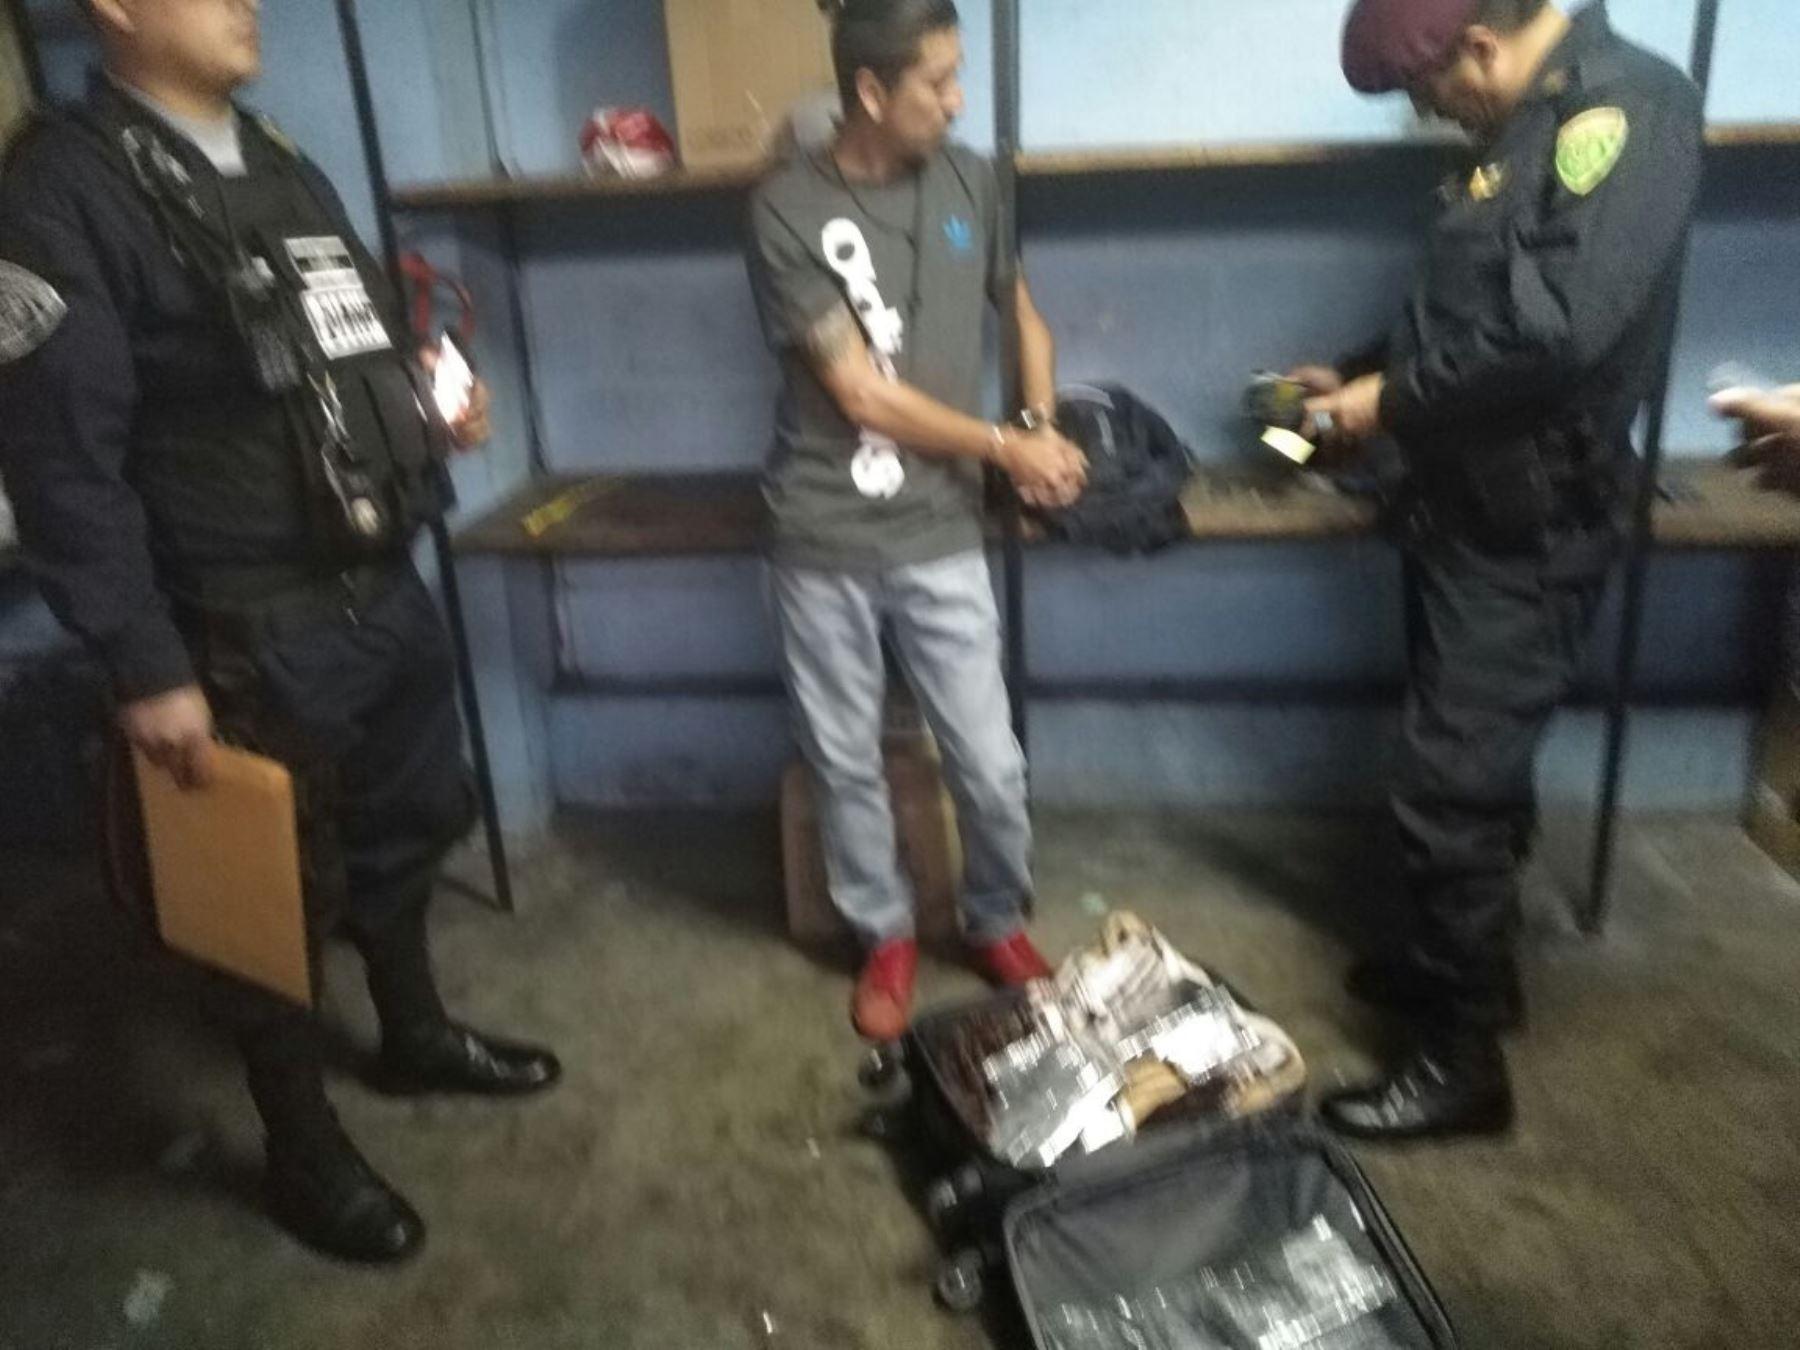 Jhonny Navarro Vela, de 34 años llevaba un maletín con más de 0 kilos de clorhidrato de cocaína.